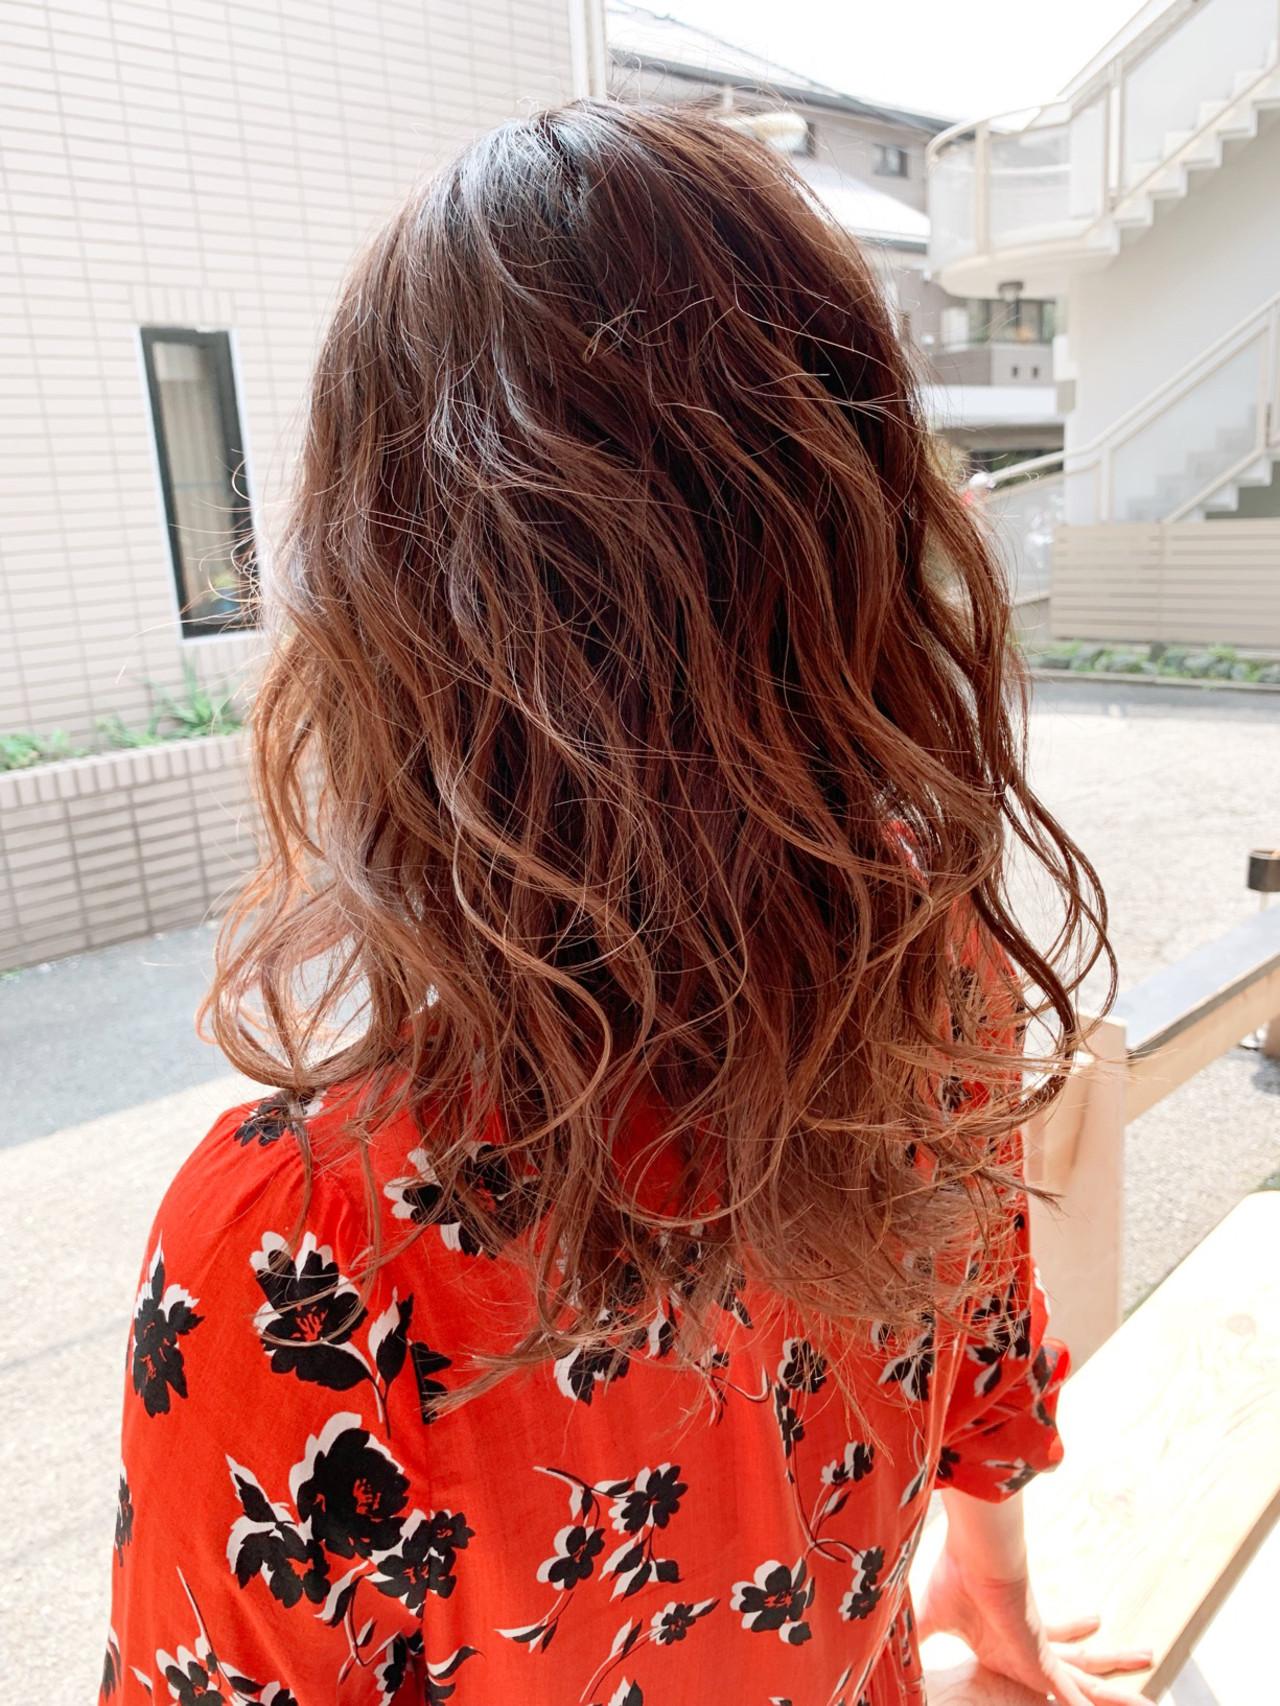 セミロング グラデーション オレンジブラウン グラデーションカラー ヘアスタイルや髪型の写真・画像